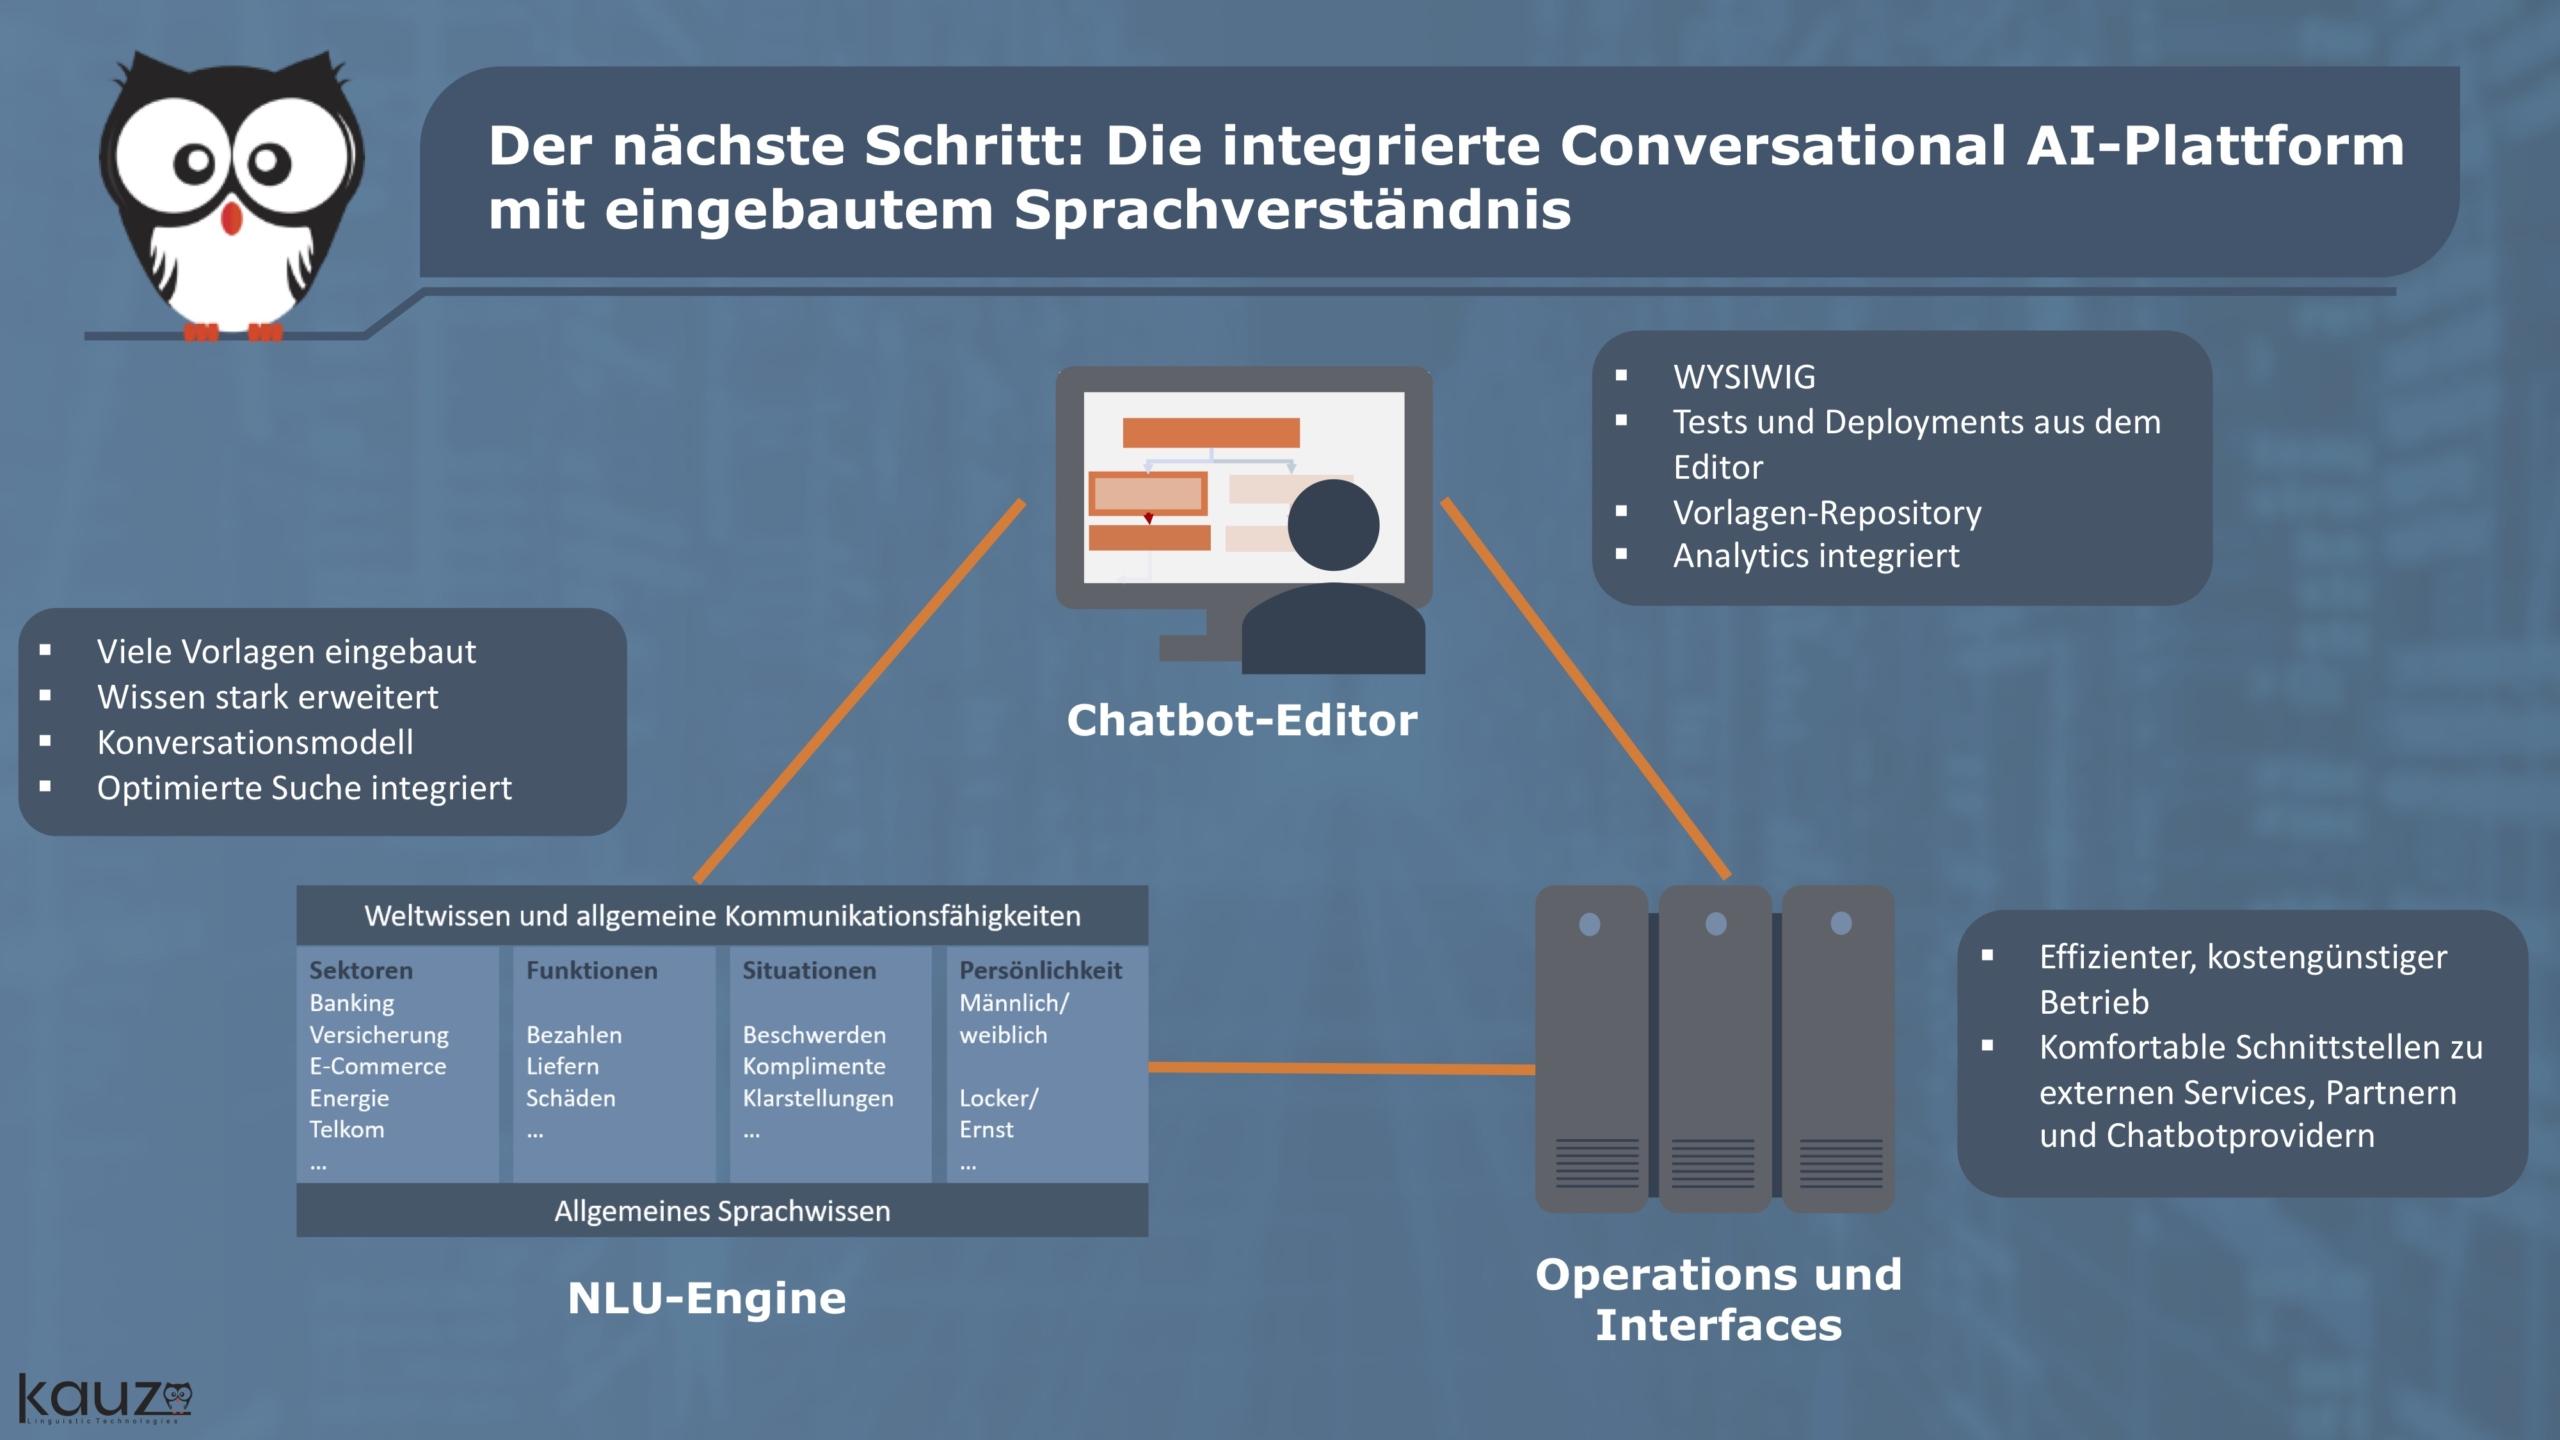 Kauz NLU Wird Zu Conversational AI Plattform